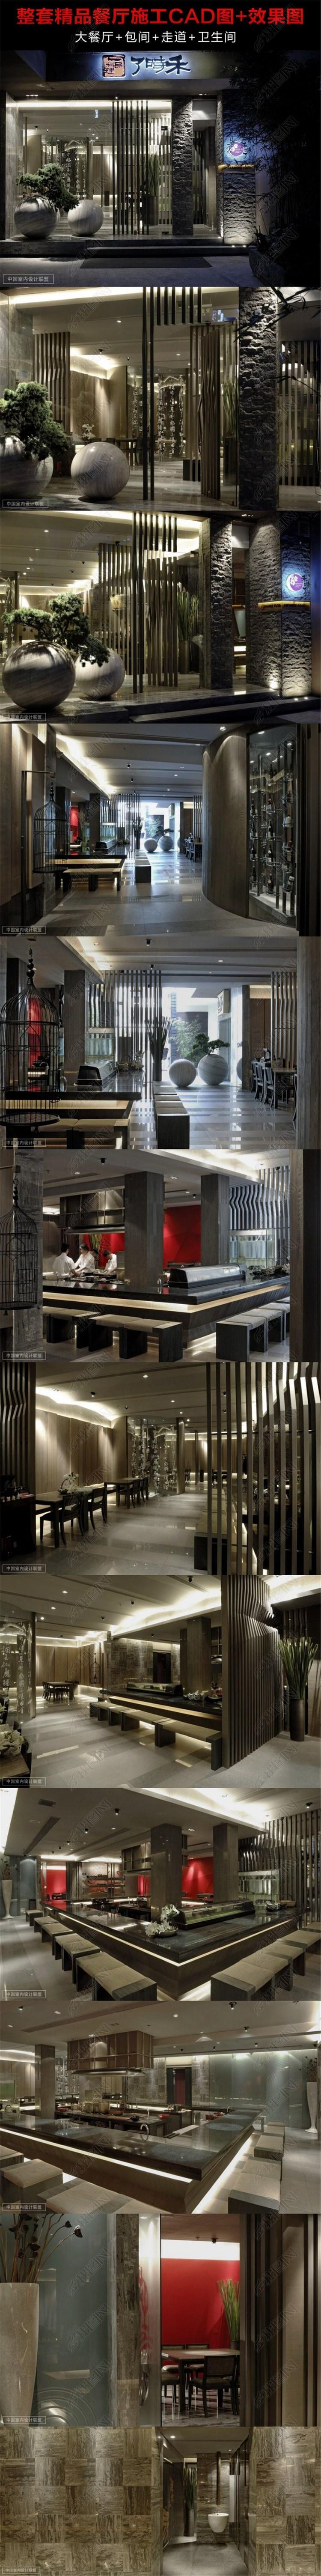 上海禾时了日本料理店CAD施工图带实景图